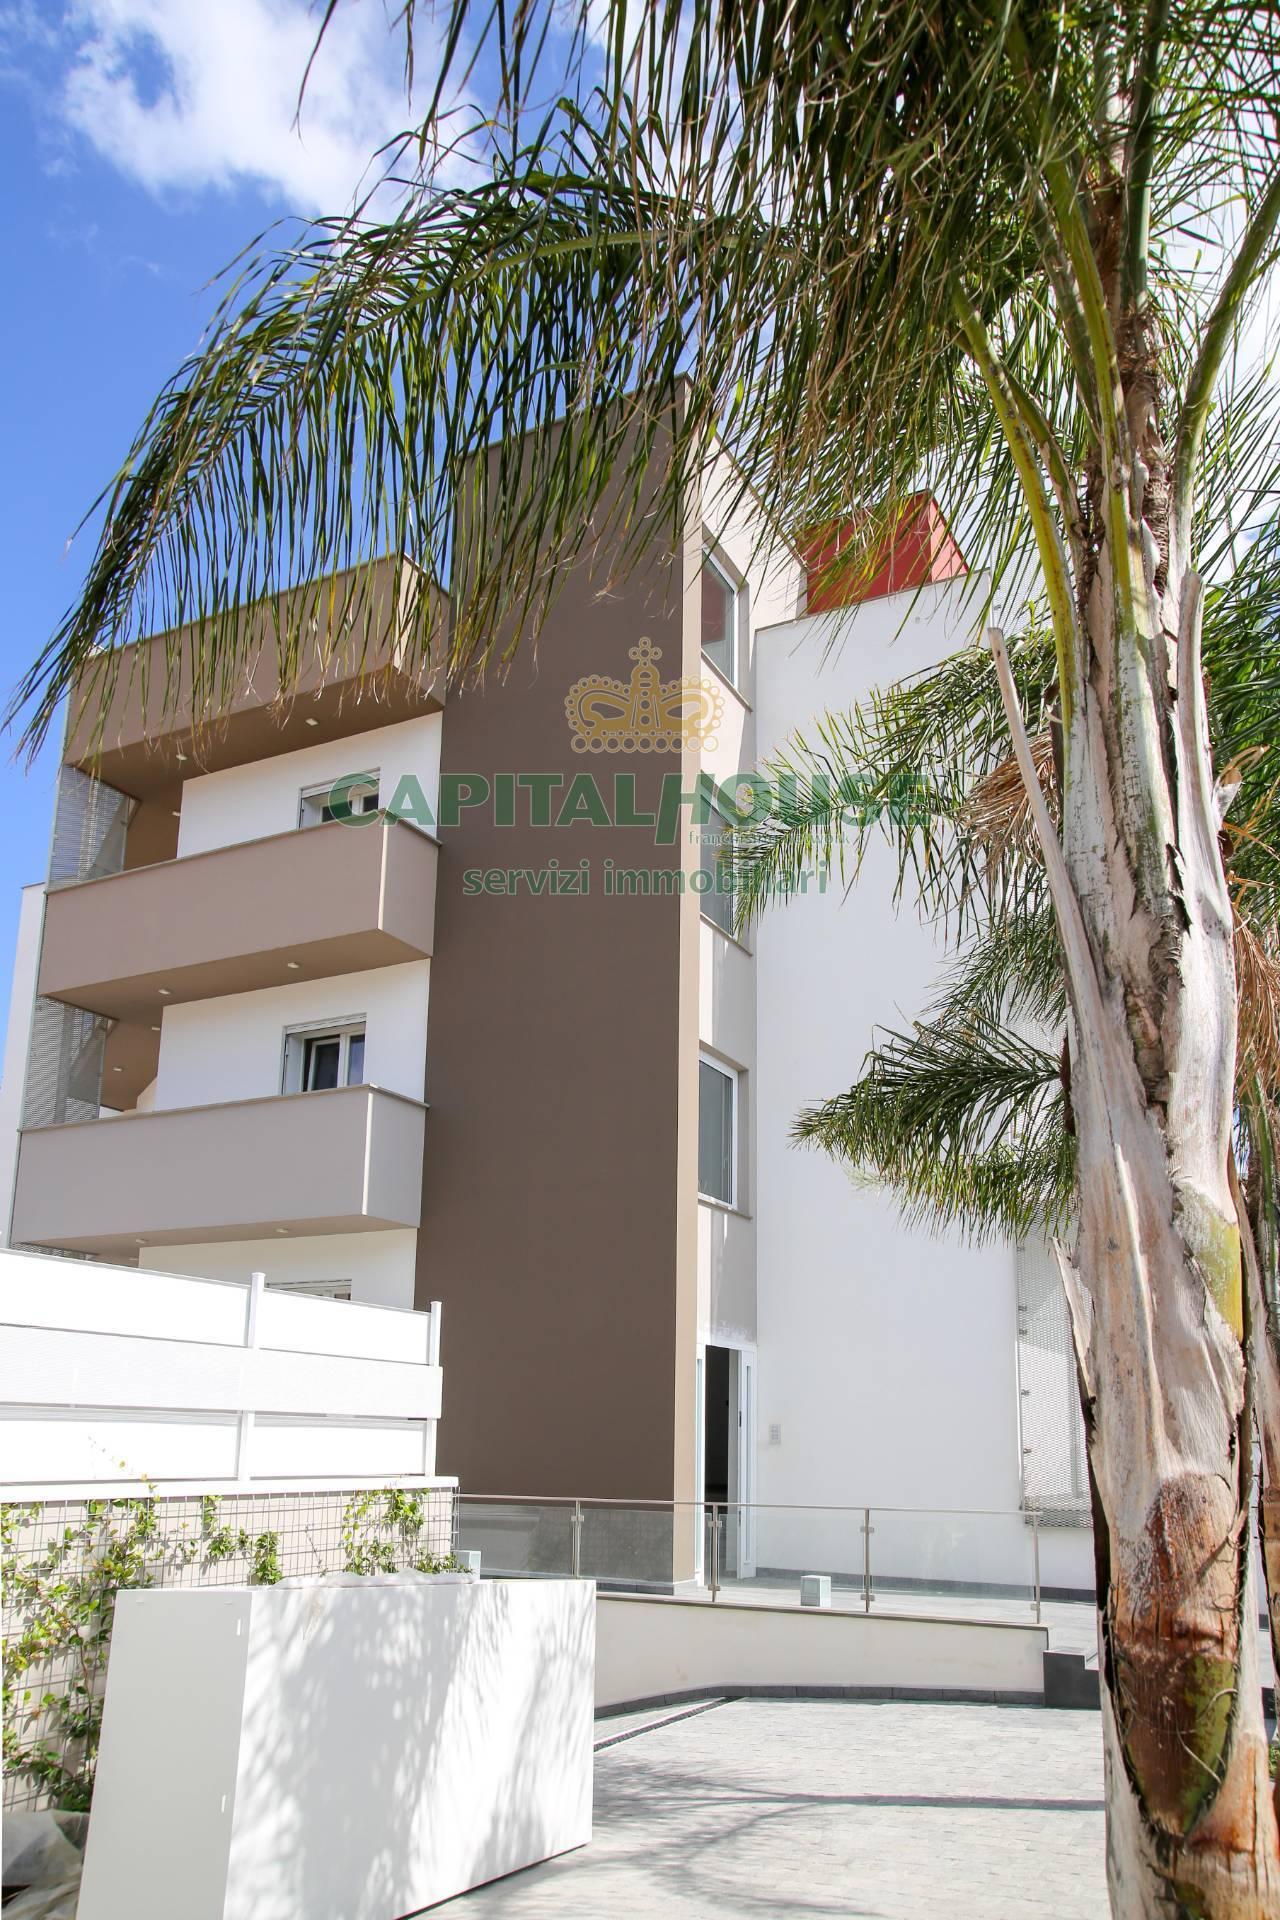 Appartamento in vendita a Cimitile, 3 locali, prezzo € 190.000   CambioCasa.it